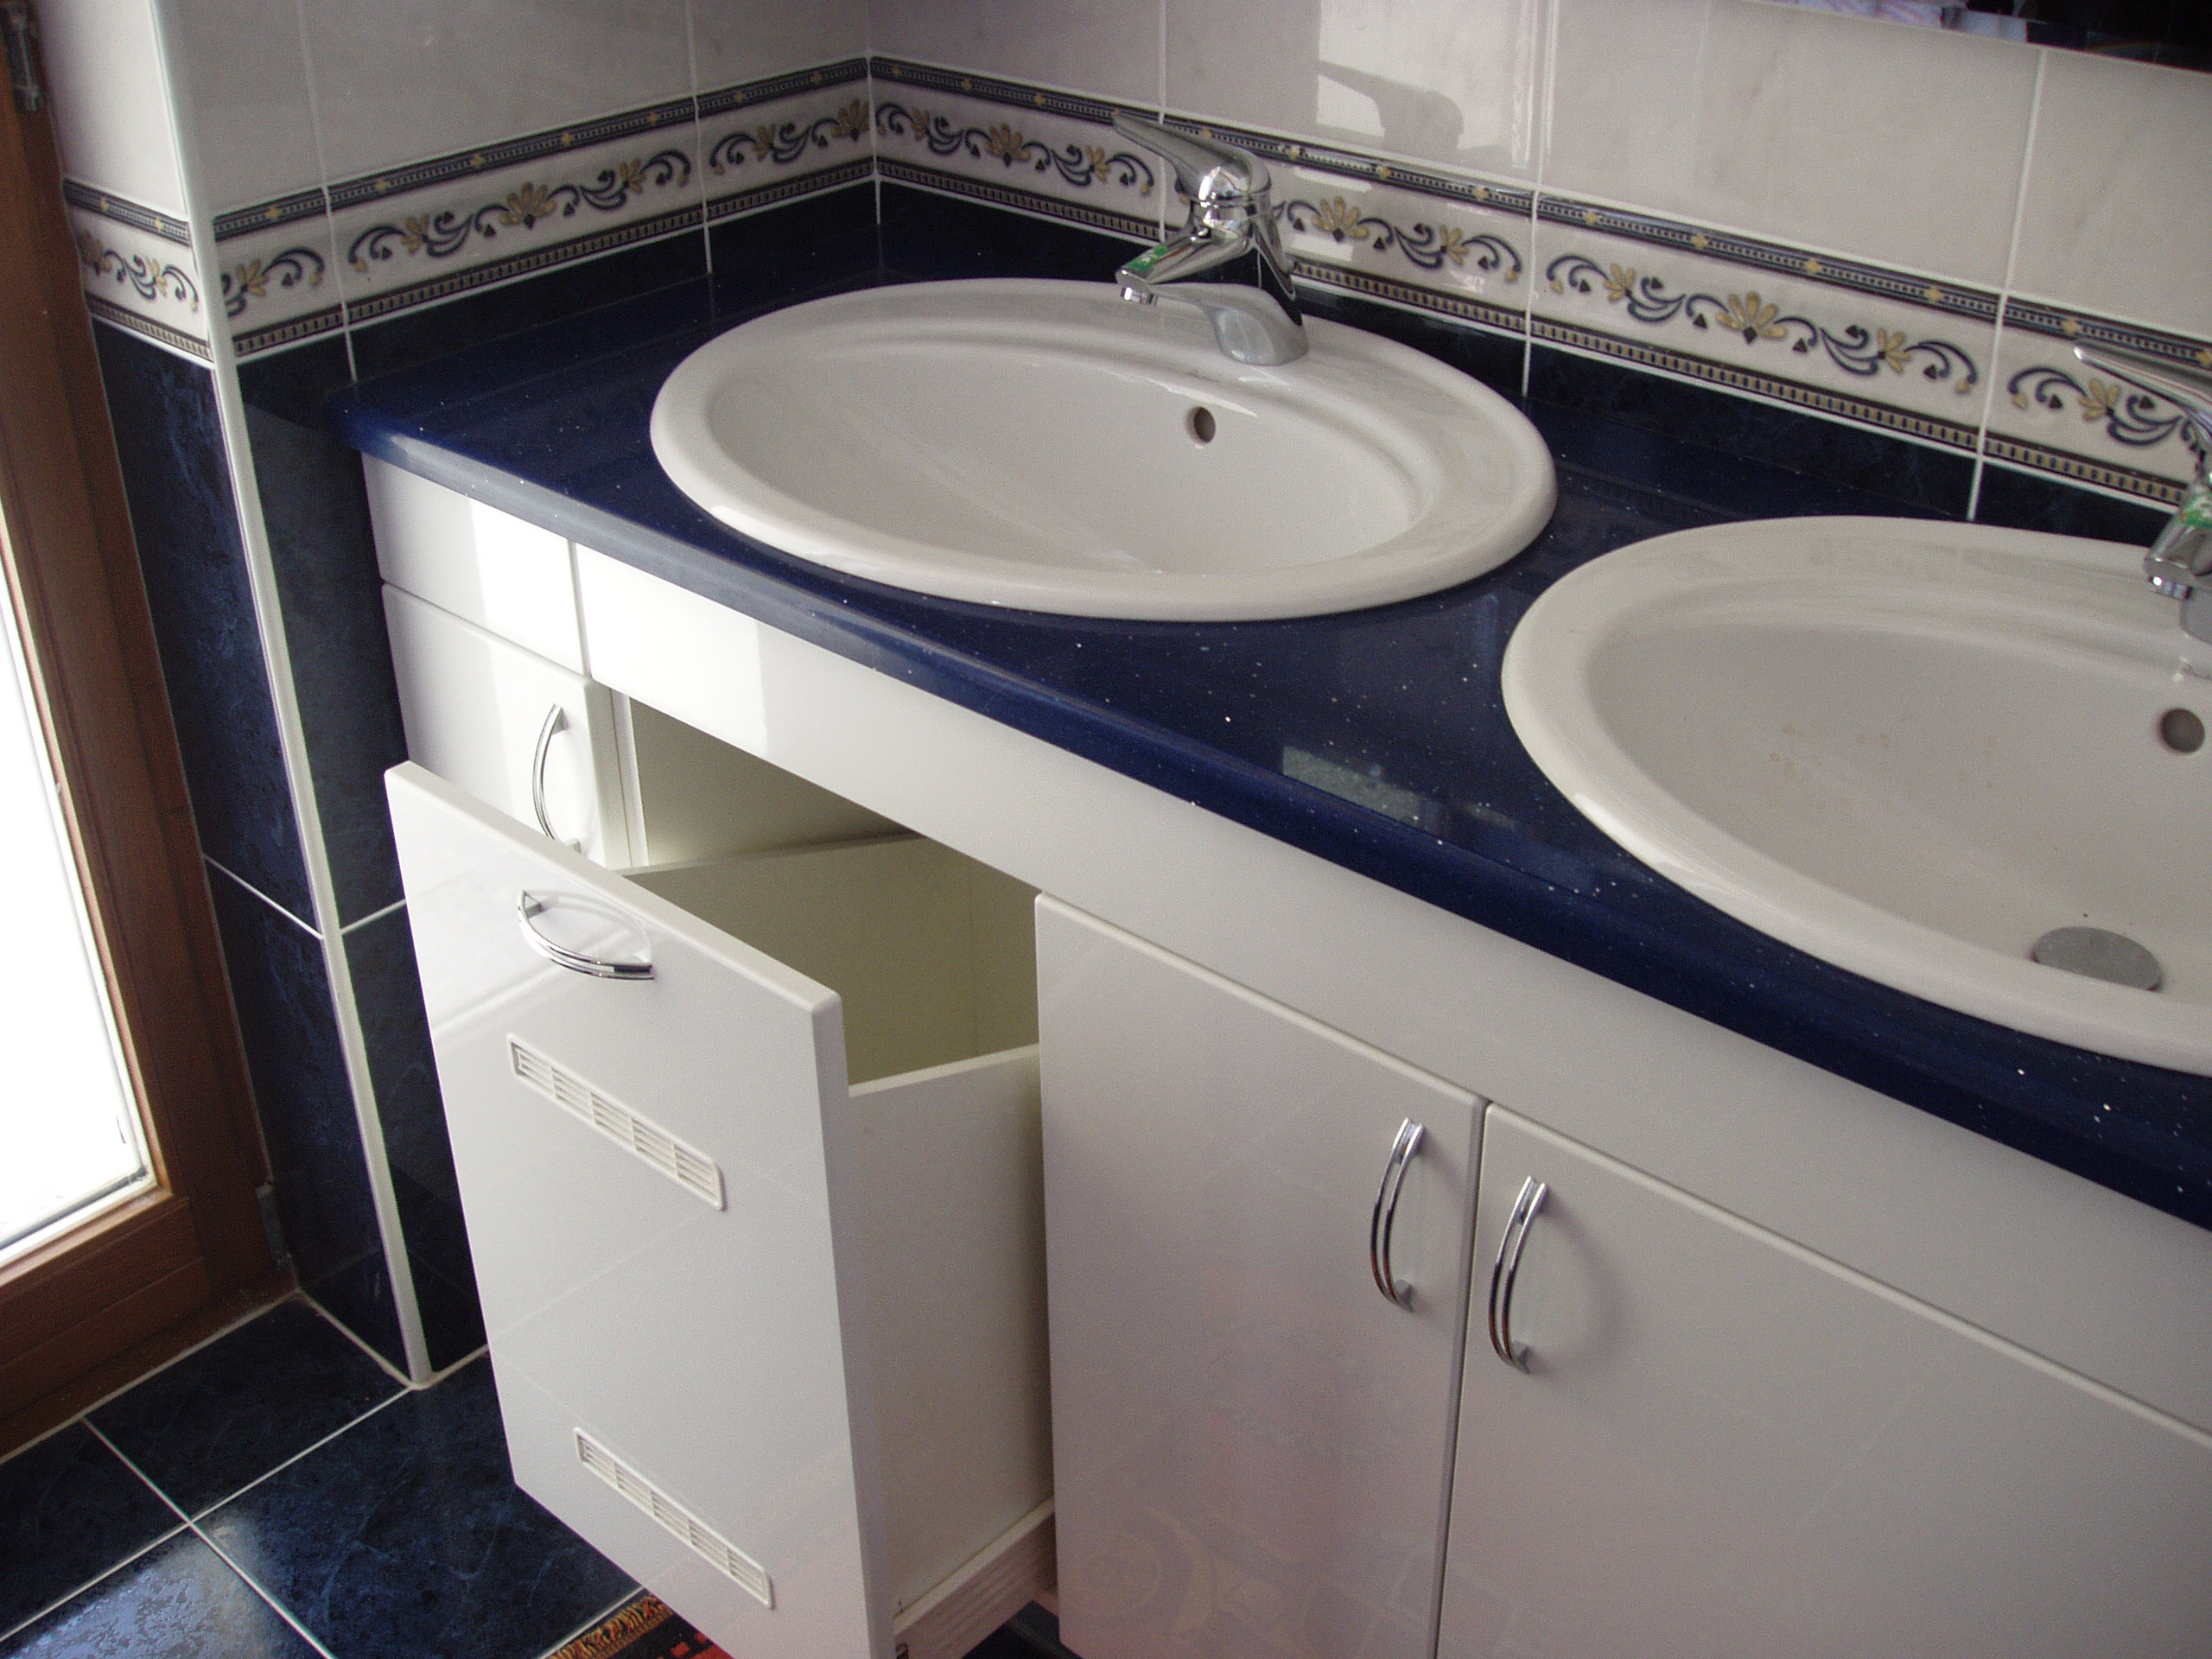 Dodání a montáž koupelnového nábytku, kvalitních koupelnových doplňků.